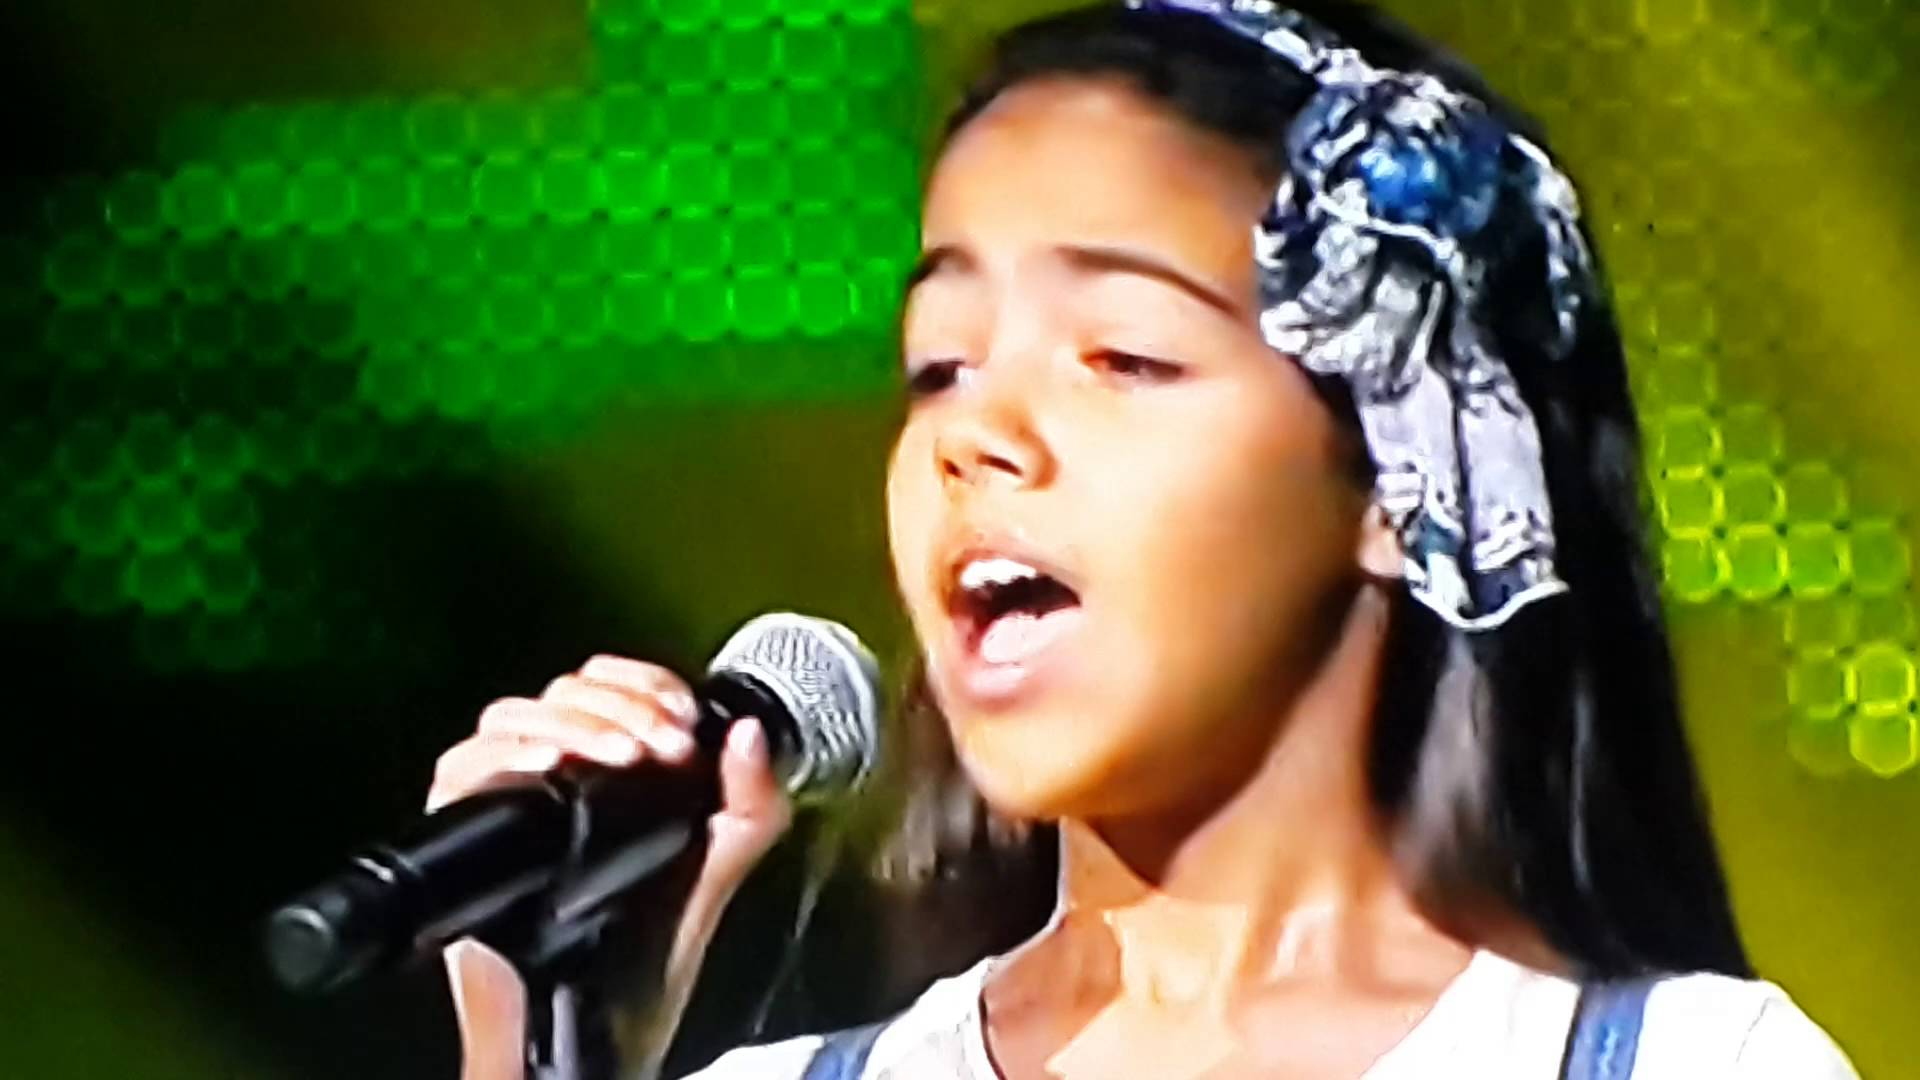 صورة نور قمر موهبة the voice kids ممنوعة من الغناء بأمر الحكومة في تونس